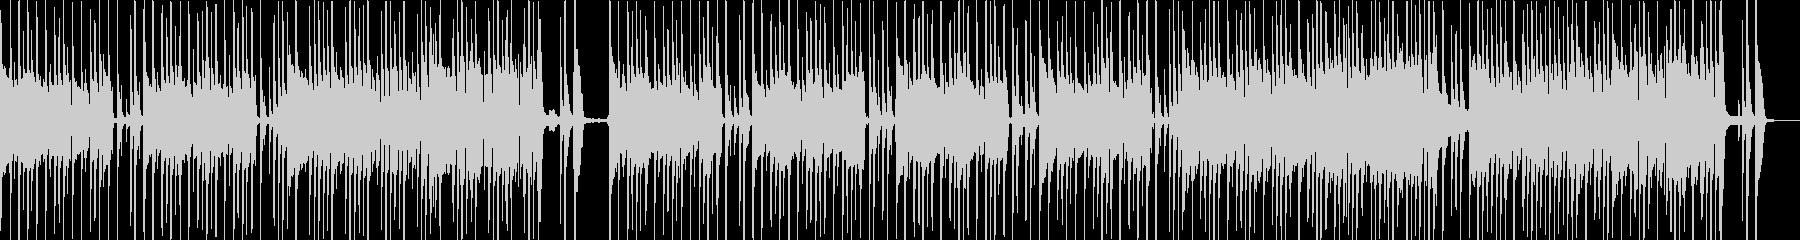 ドラムとベースのシンプルなロックサウンドの未再生の波形